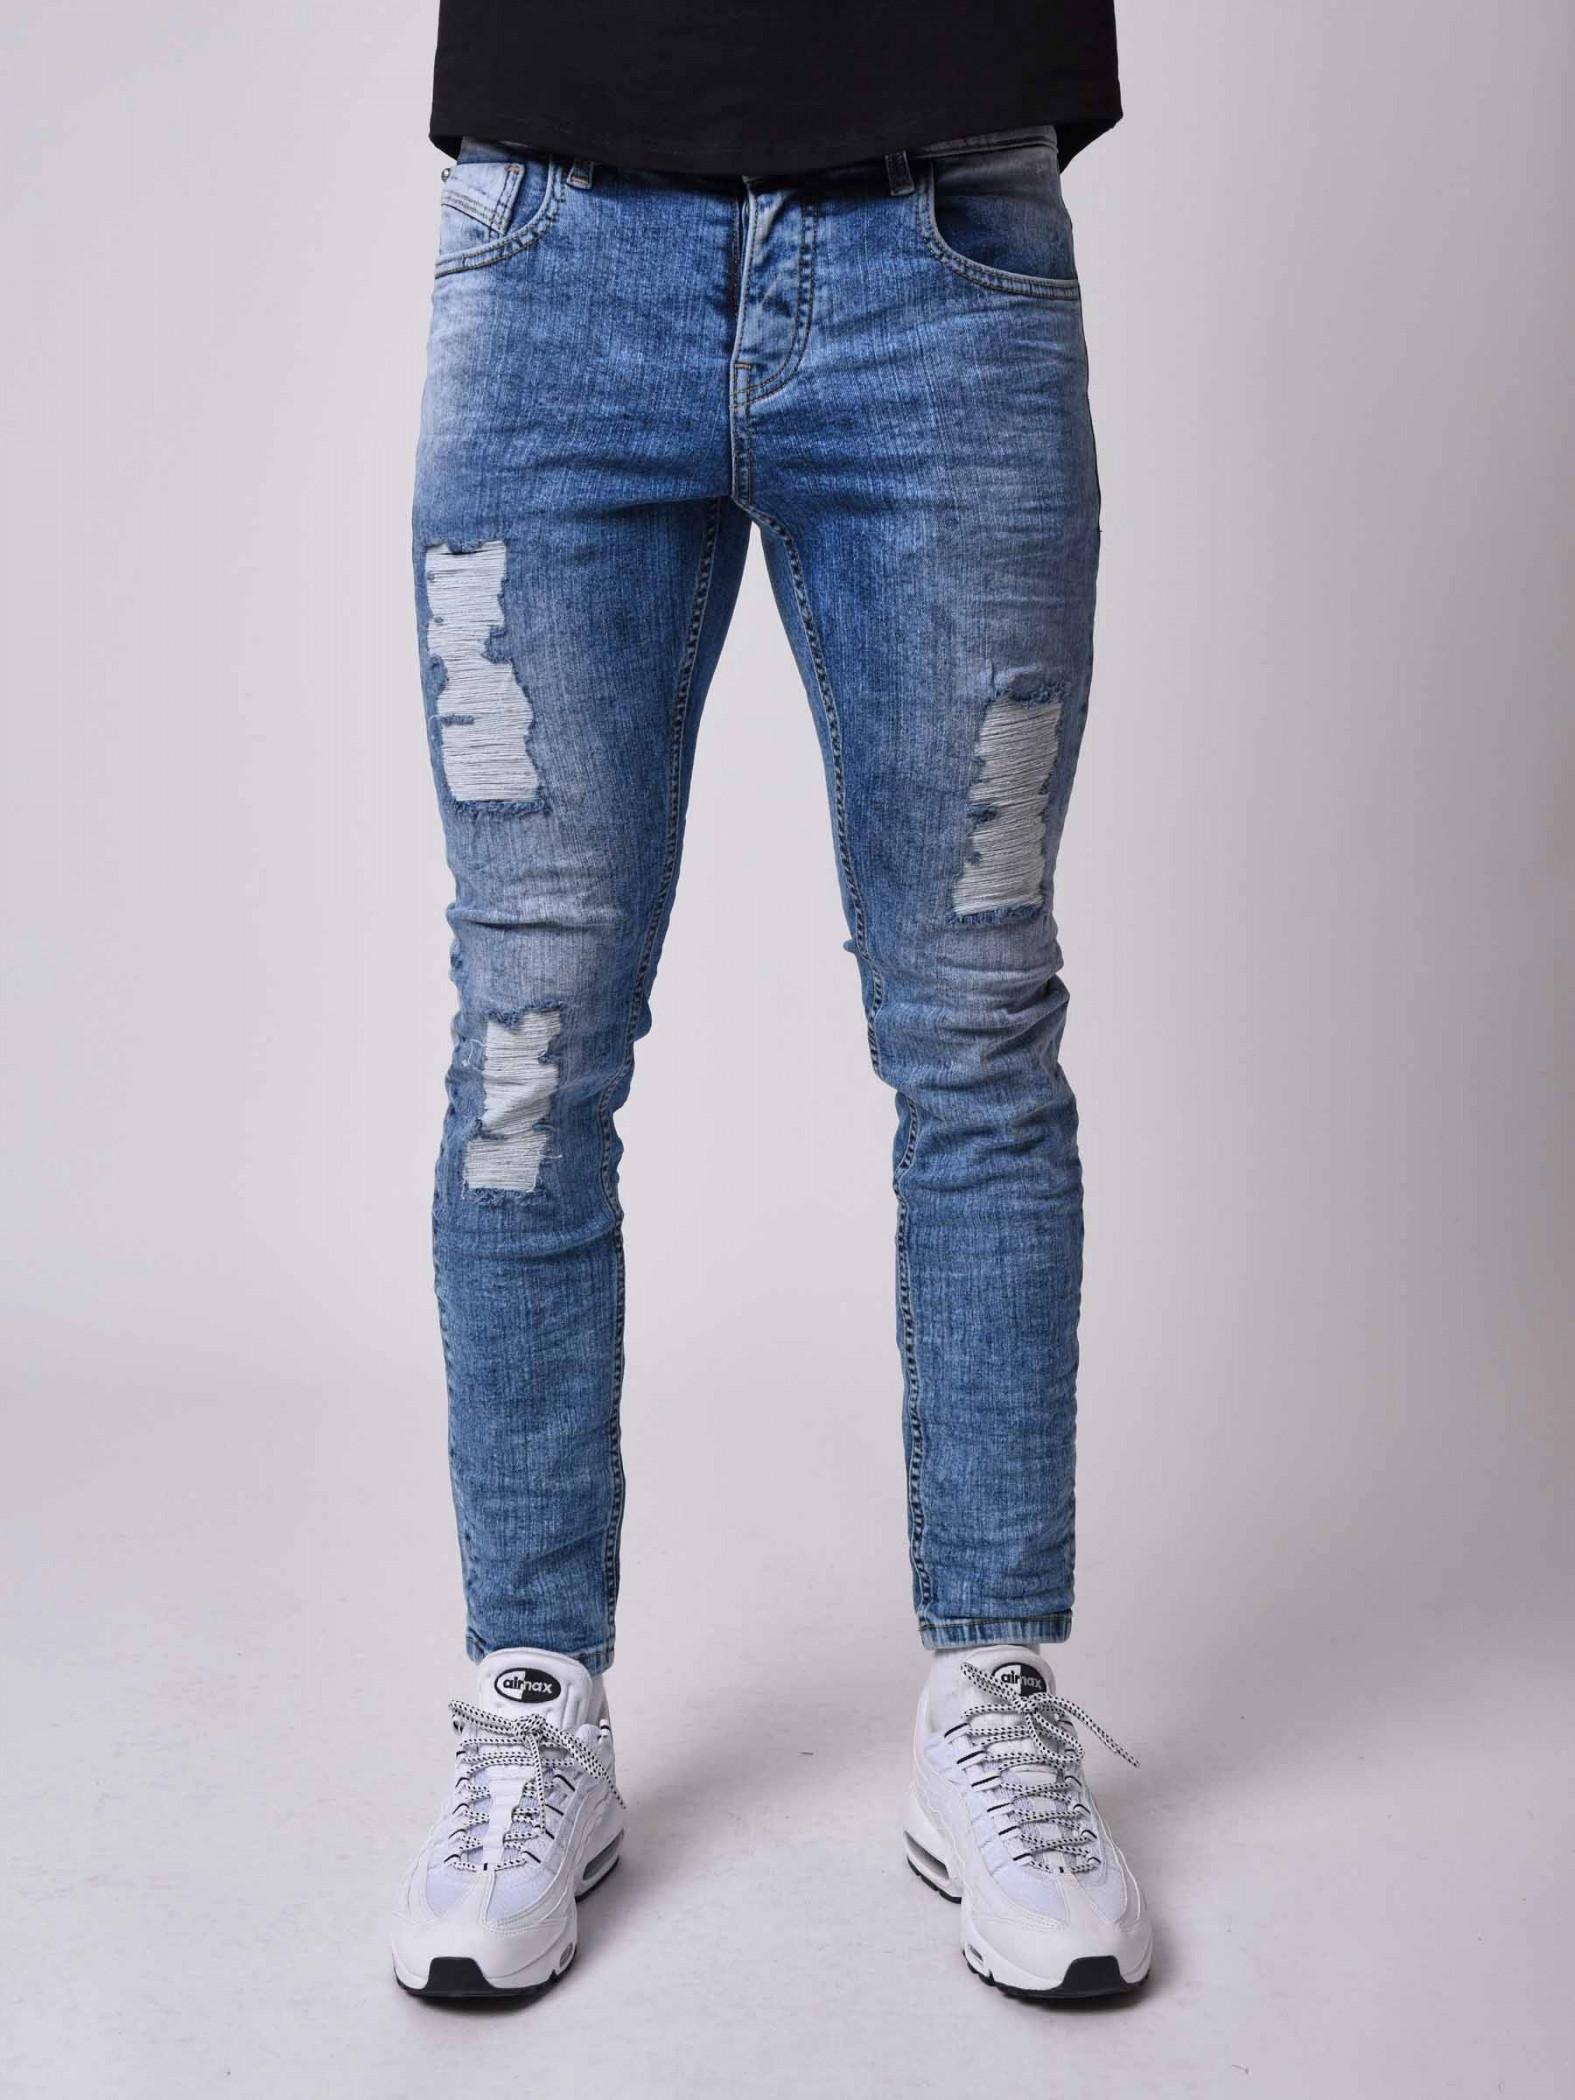 Homme industrialiser bleu clair délavé Stone Slim Skinny Fit 5 poches denim jeans